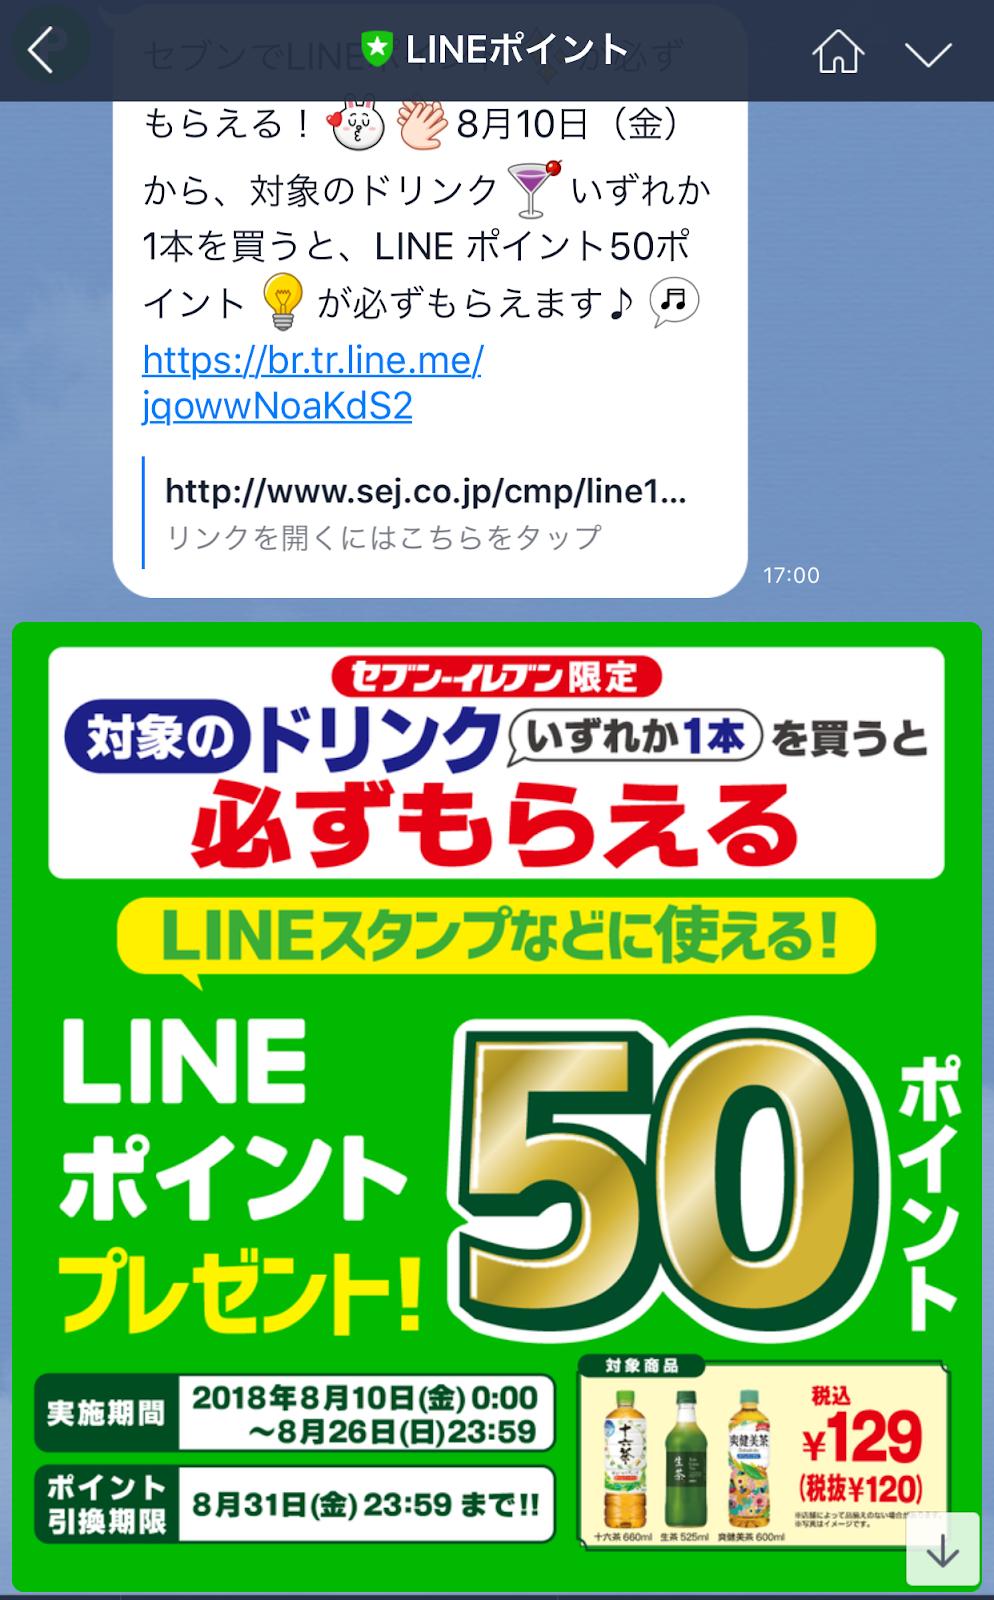 Line ポイント キャンペーン セブンイレブン